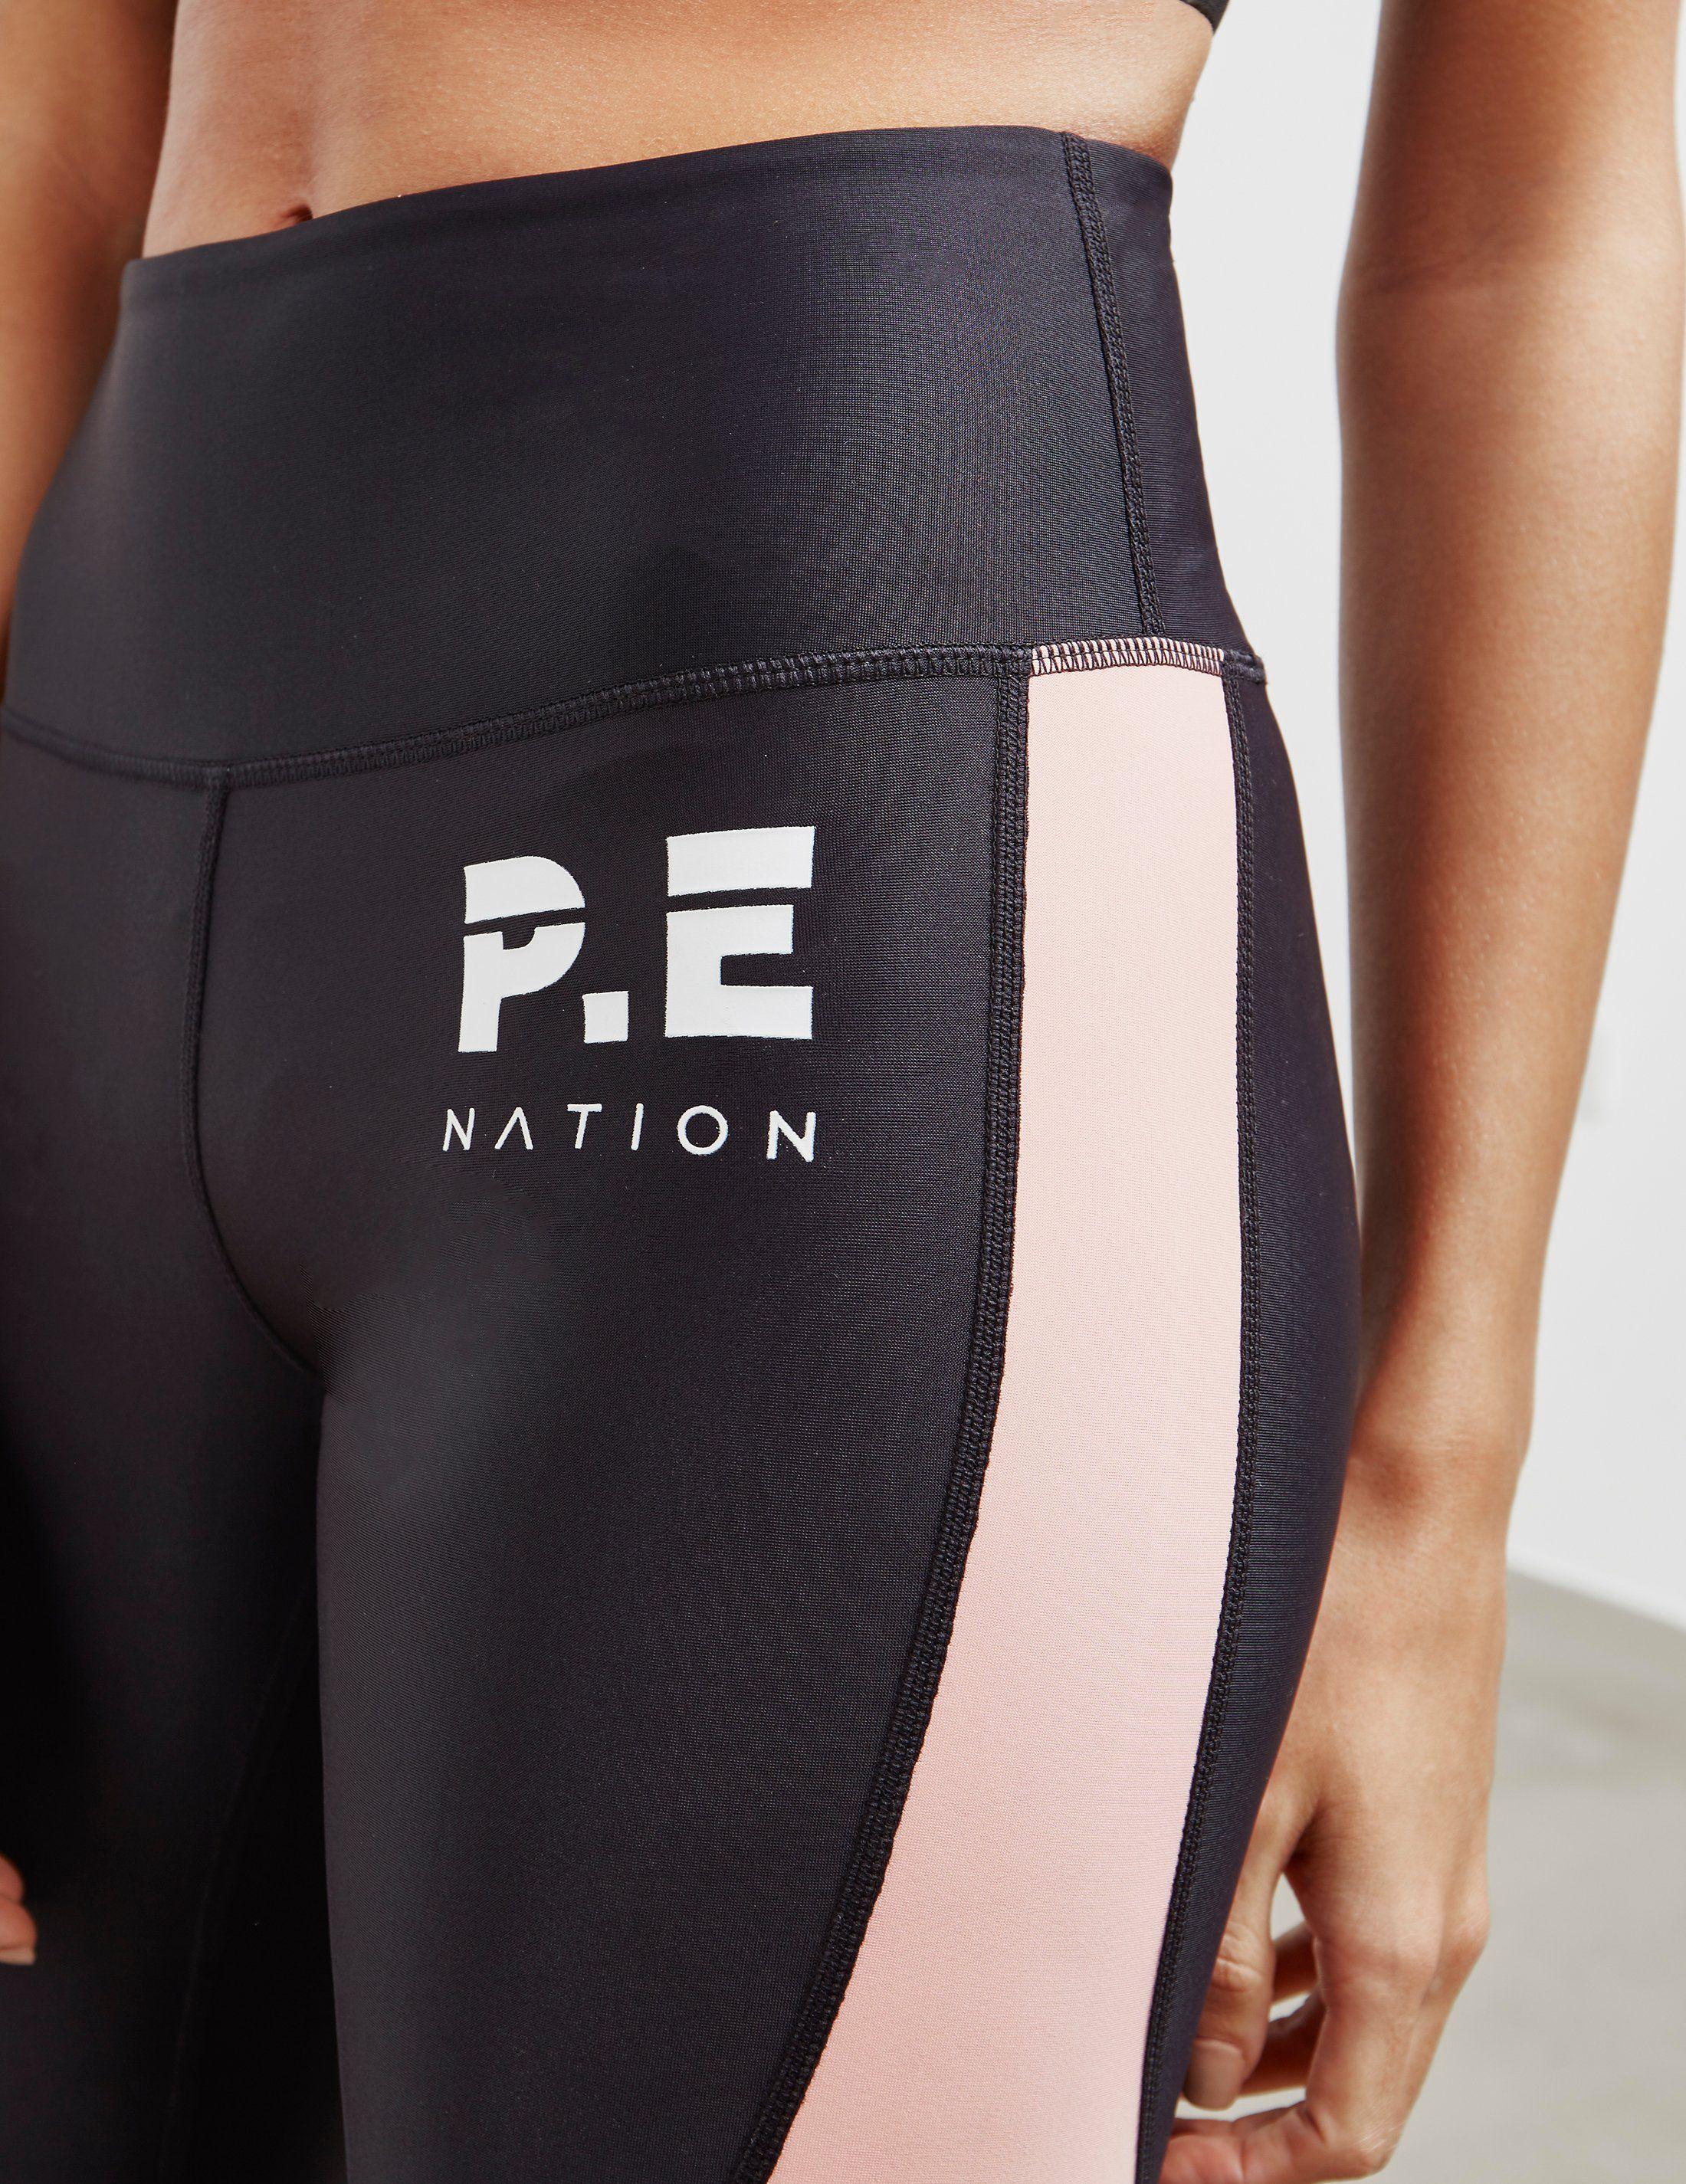 P.E Nation Chasse Leggings